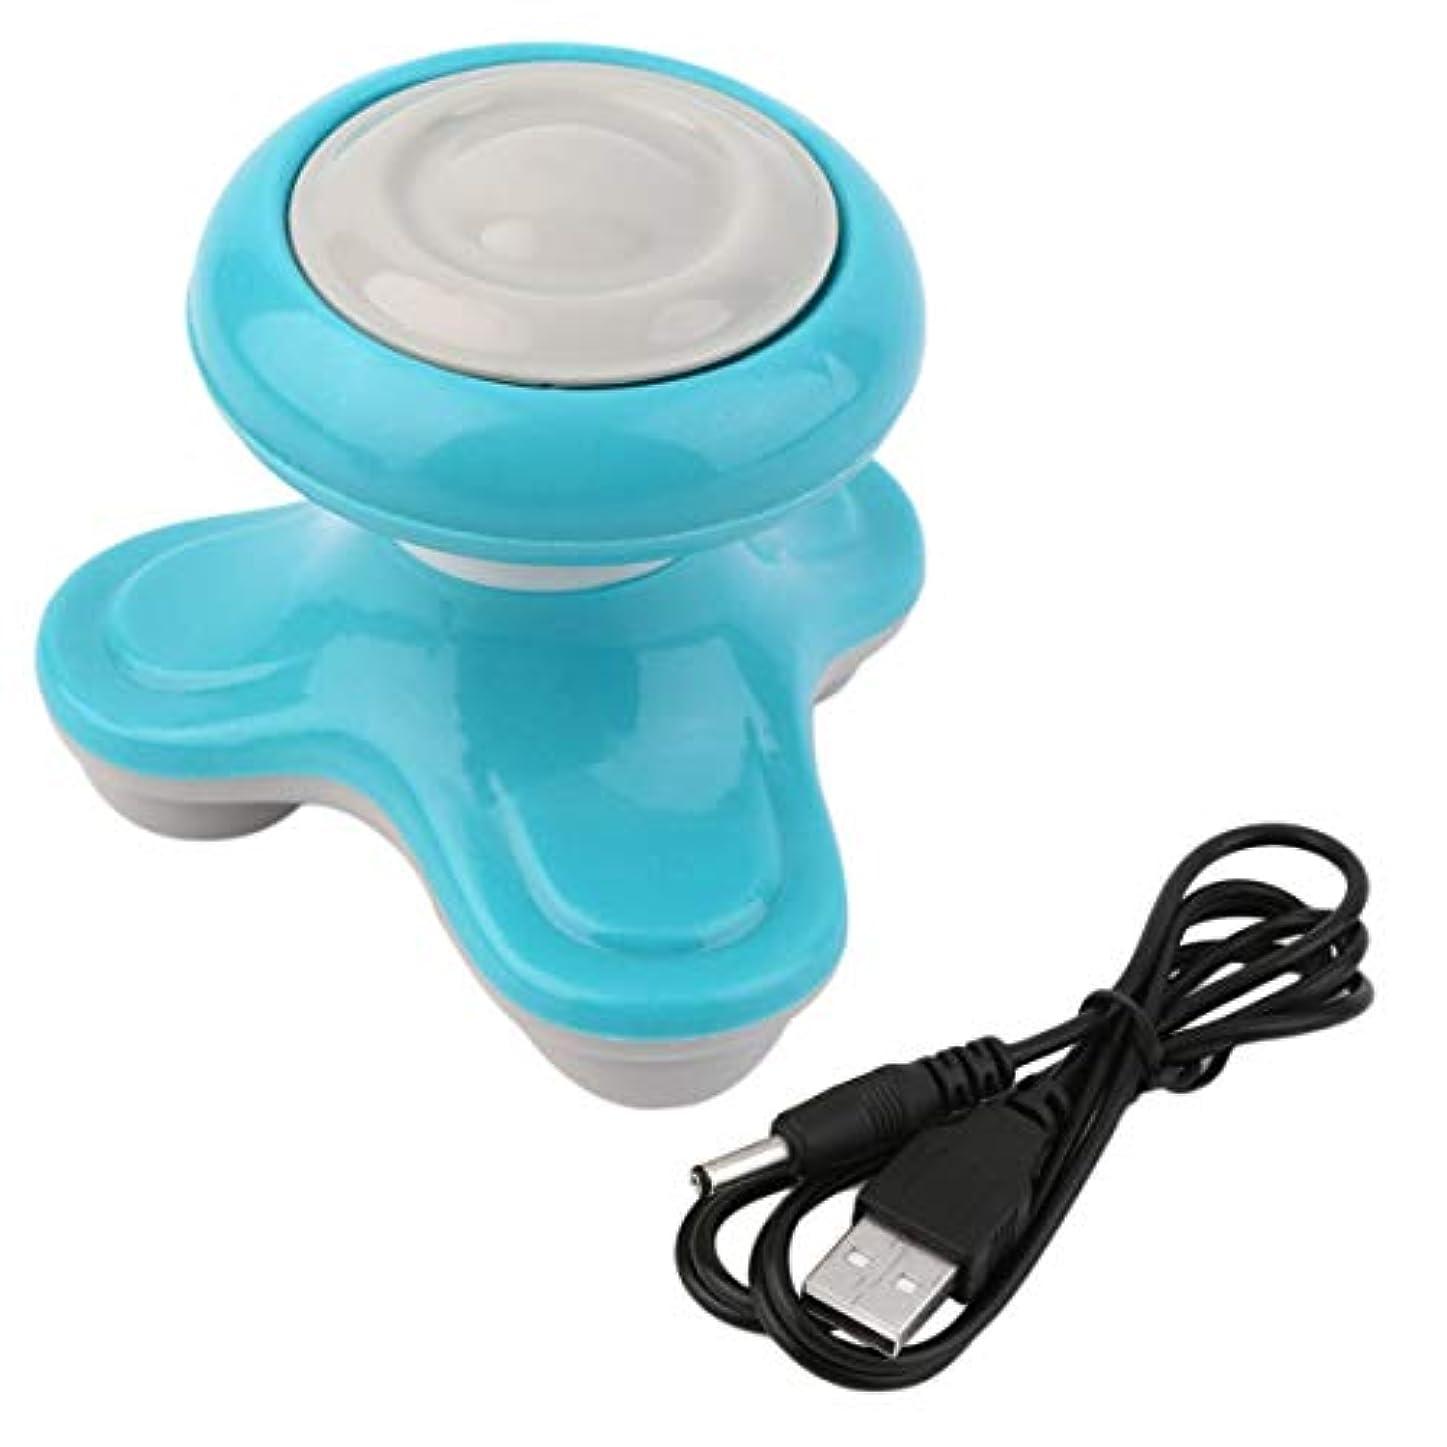 許す投獄虚弱ミニ電動ハンドル波振動マッサージ器USBバッテリーフルボディマッサージ持ち運びに便利な超小型軽量-ブルー